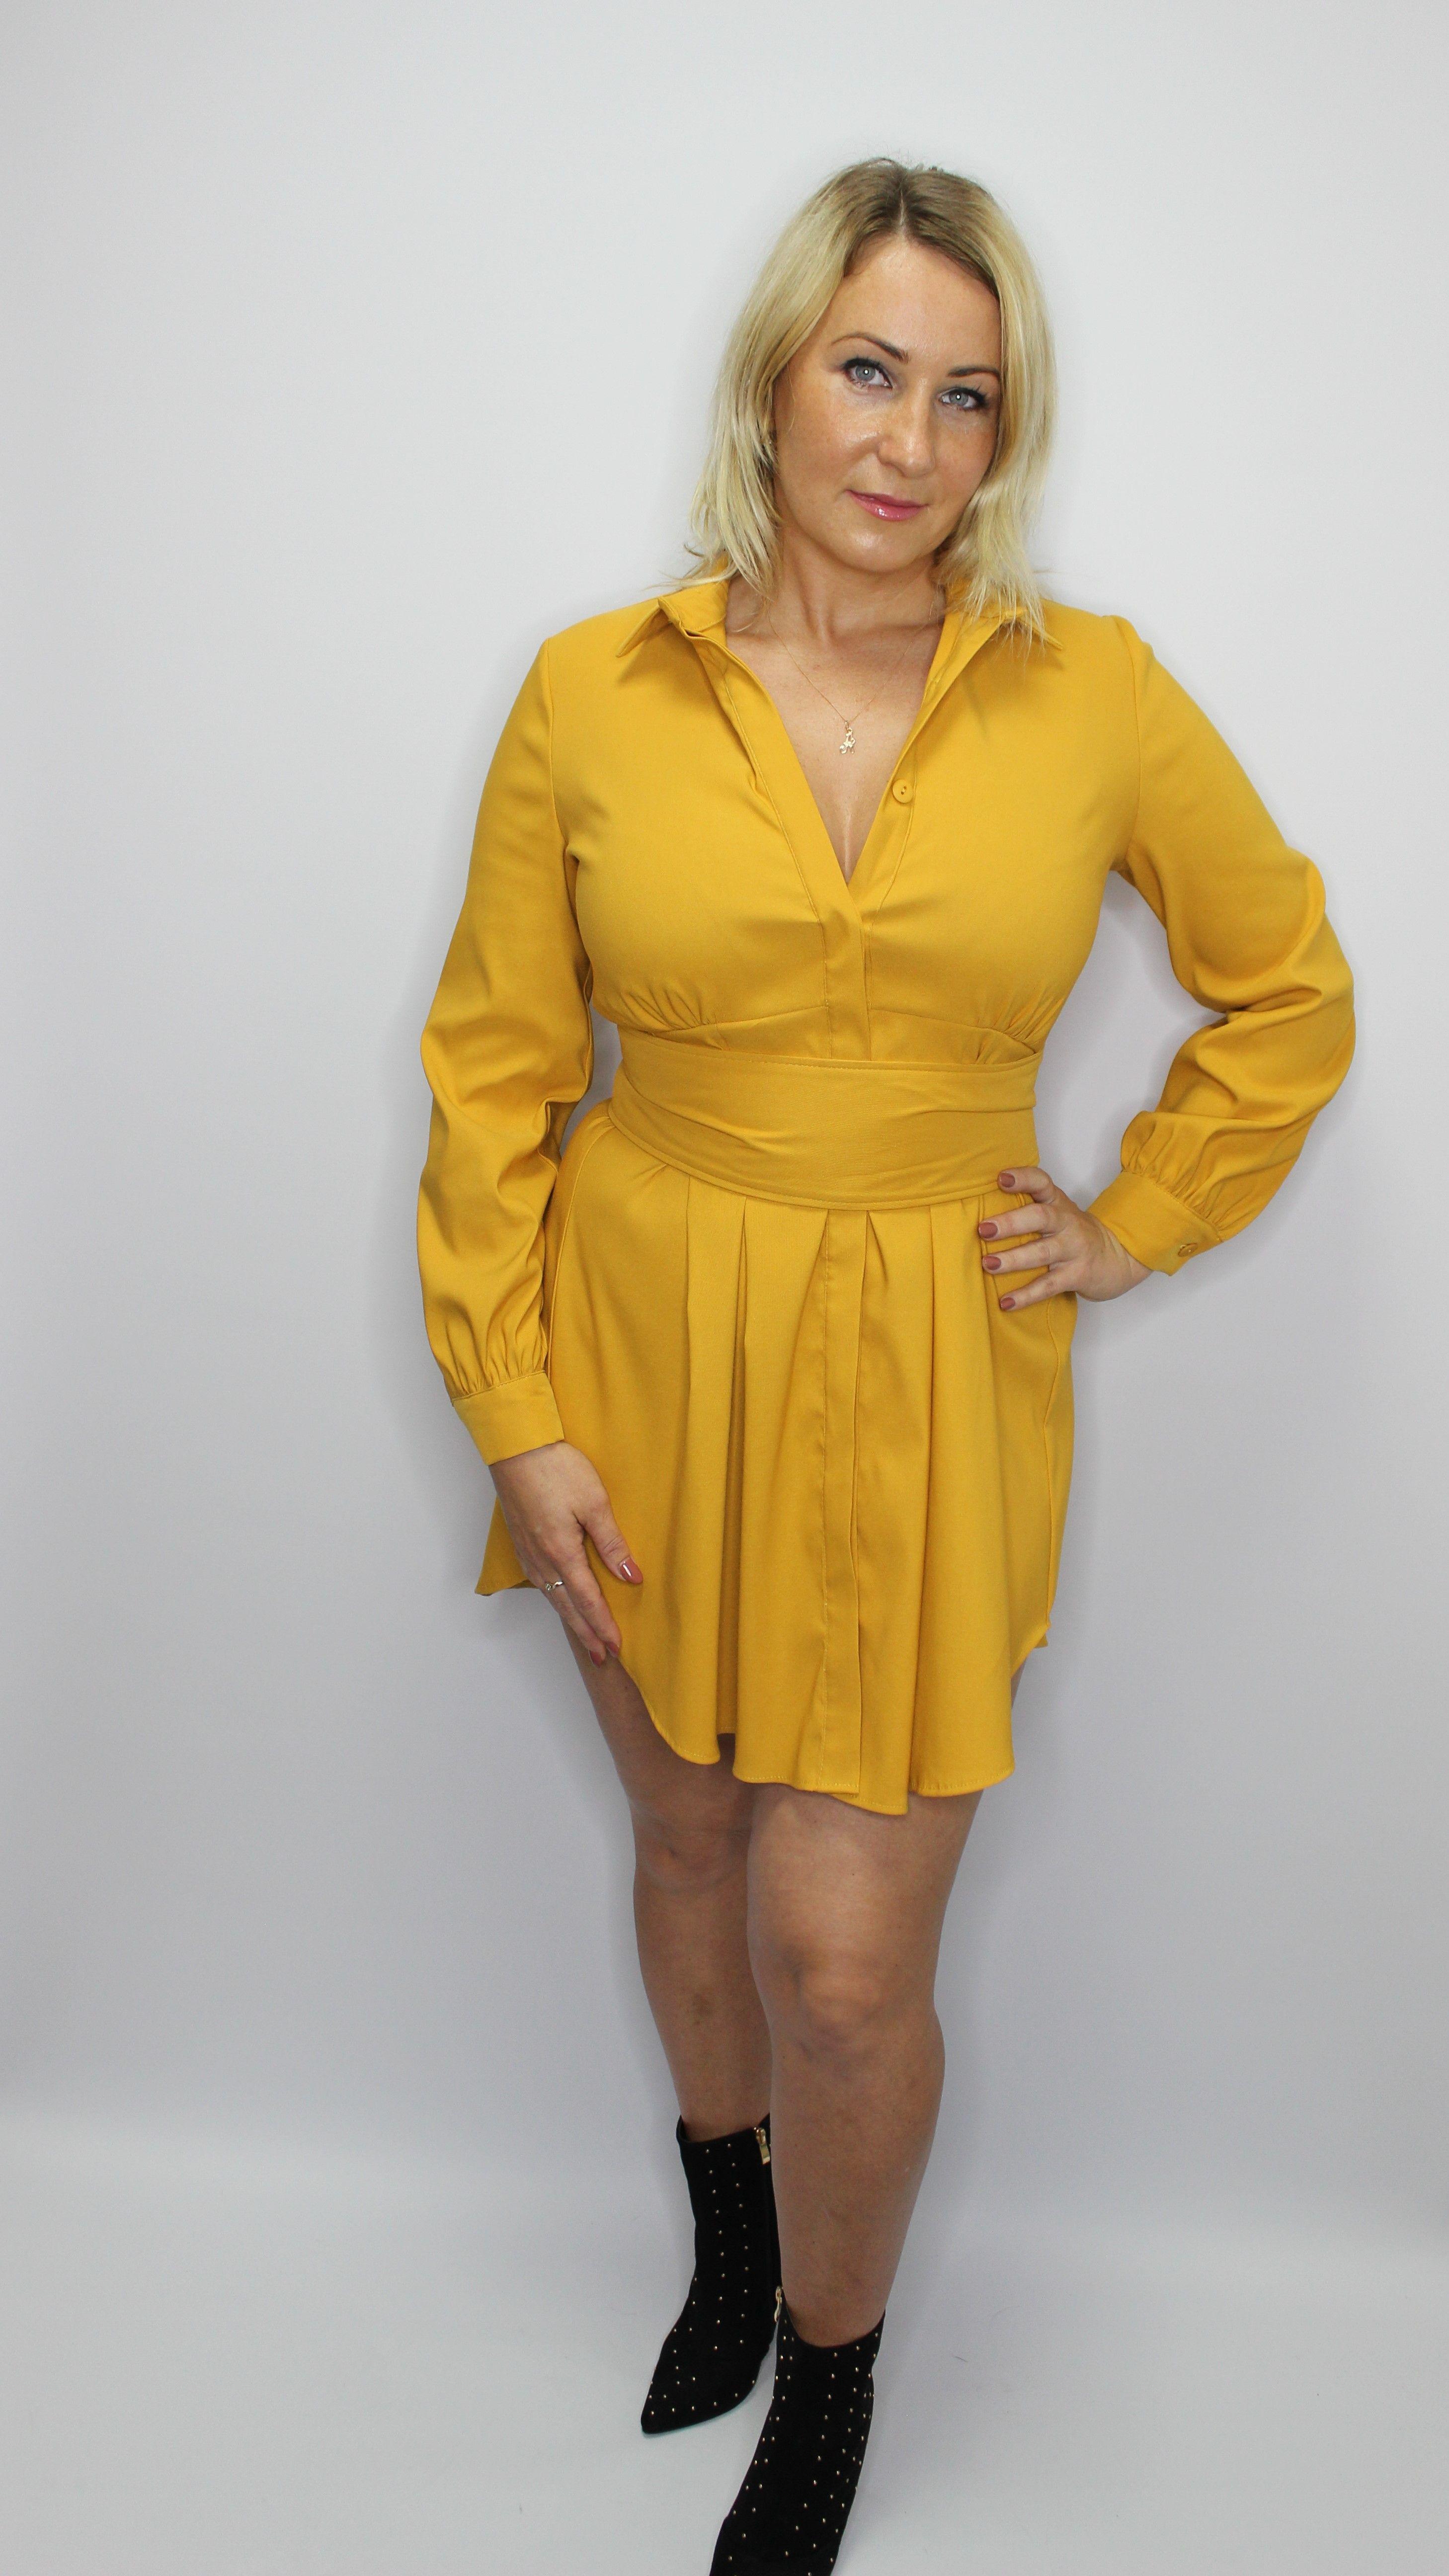 Mustard Shirt Style Dress